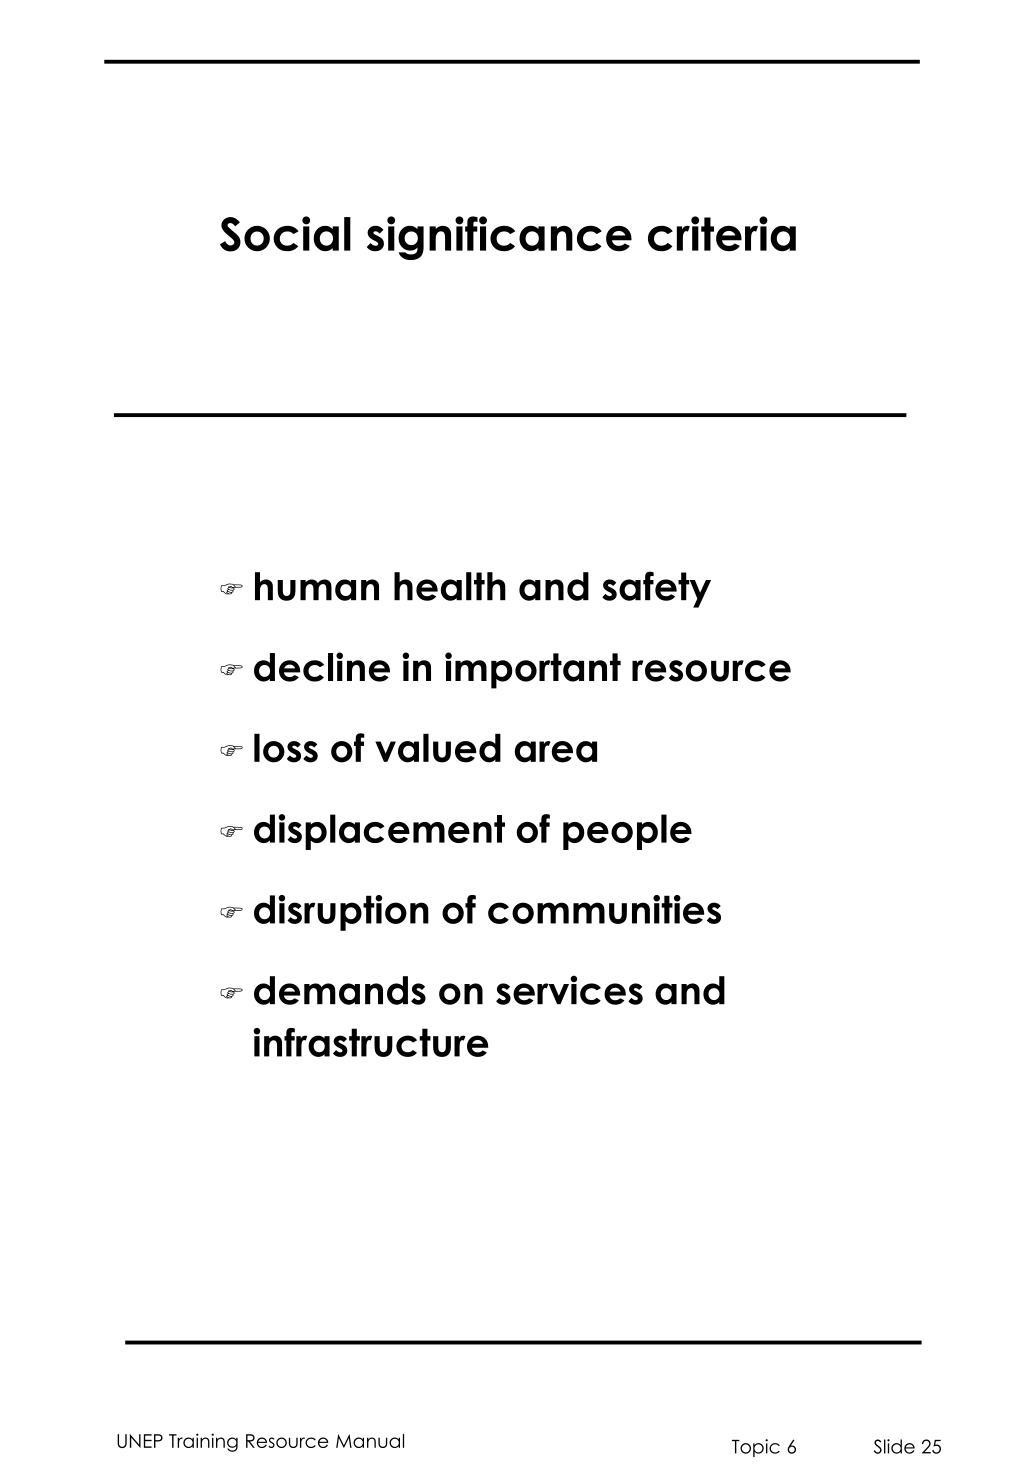 Social significance criteria